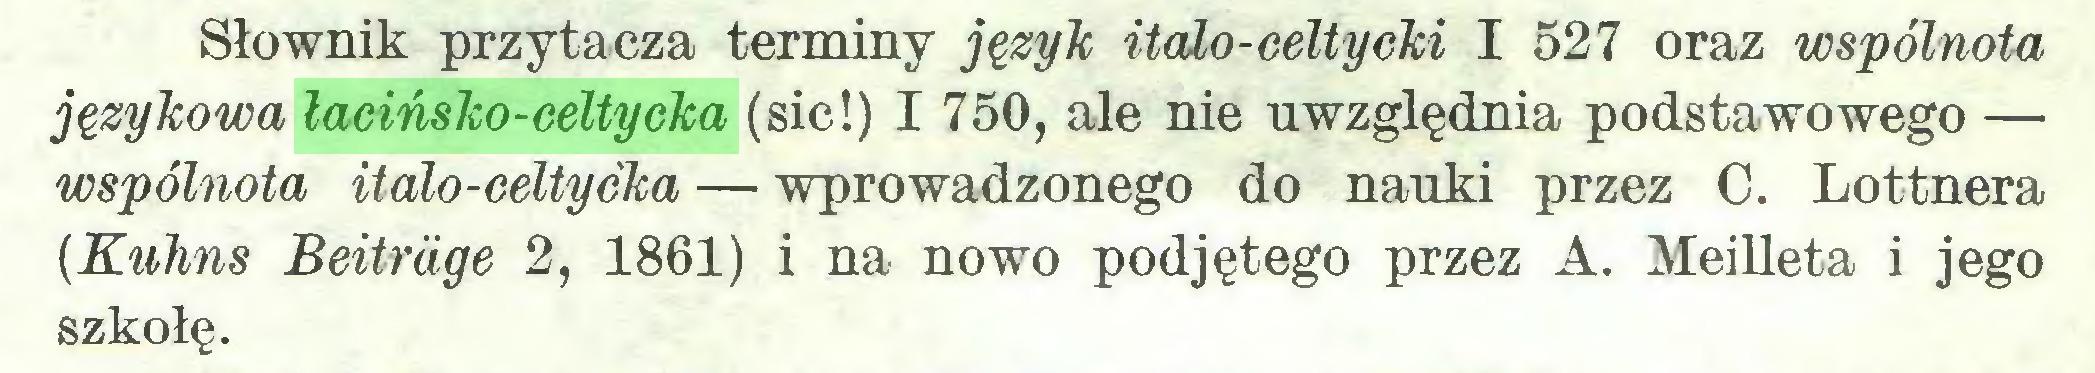 (...) Słownik przytacza terminy język italo-celtycki I 527 oraz wspólnota językowa łacińsko-celtycka (sic!) I 750, ale nie uwzględnia podstawowego — wspólnota italo-celtycka — wprowadzonego do nauki przez C. Lottnera {Kuhns Beitrüge 2, 1861) i na nowo podjętego przez A. Meilleta i jego szkołę...